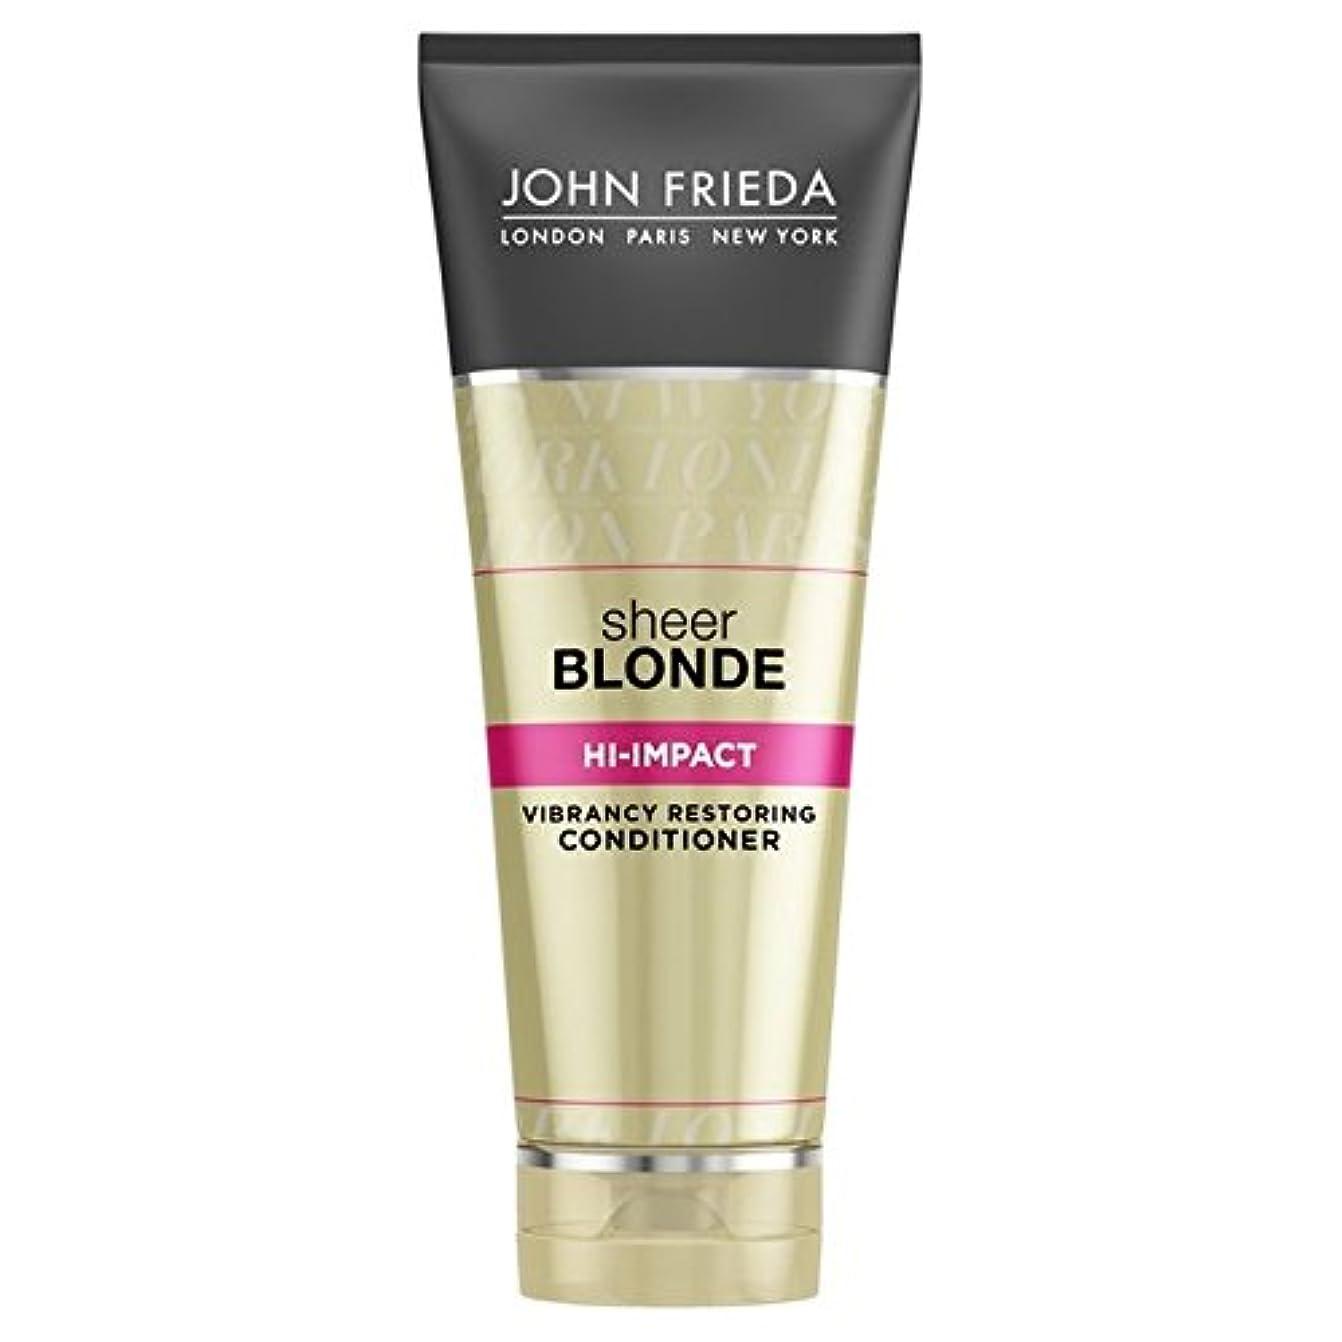 本部ライラックドラッグジョン?フリーダ膨大なブロンドハイインパクトコンディショナー250 x2 - John Frieda Sheer Blonde Hi Impact Conditioner 250ml (Pack of 2) [並行輸入品]